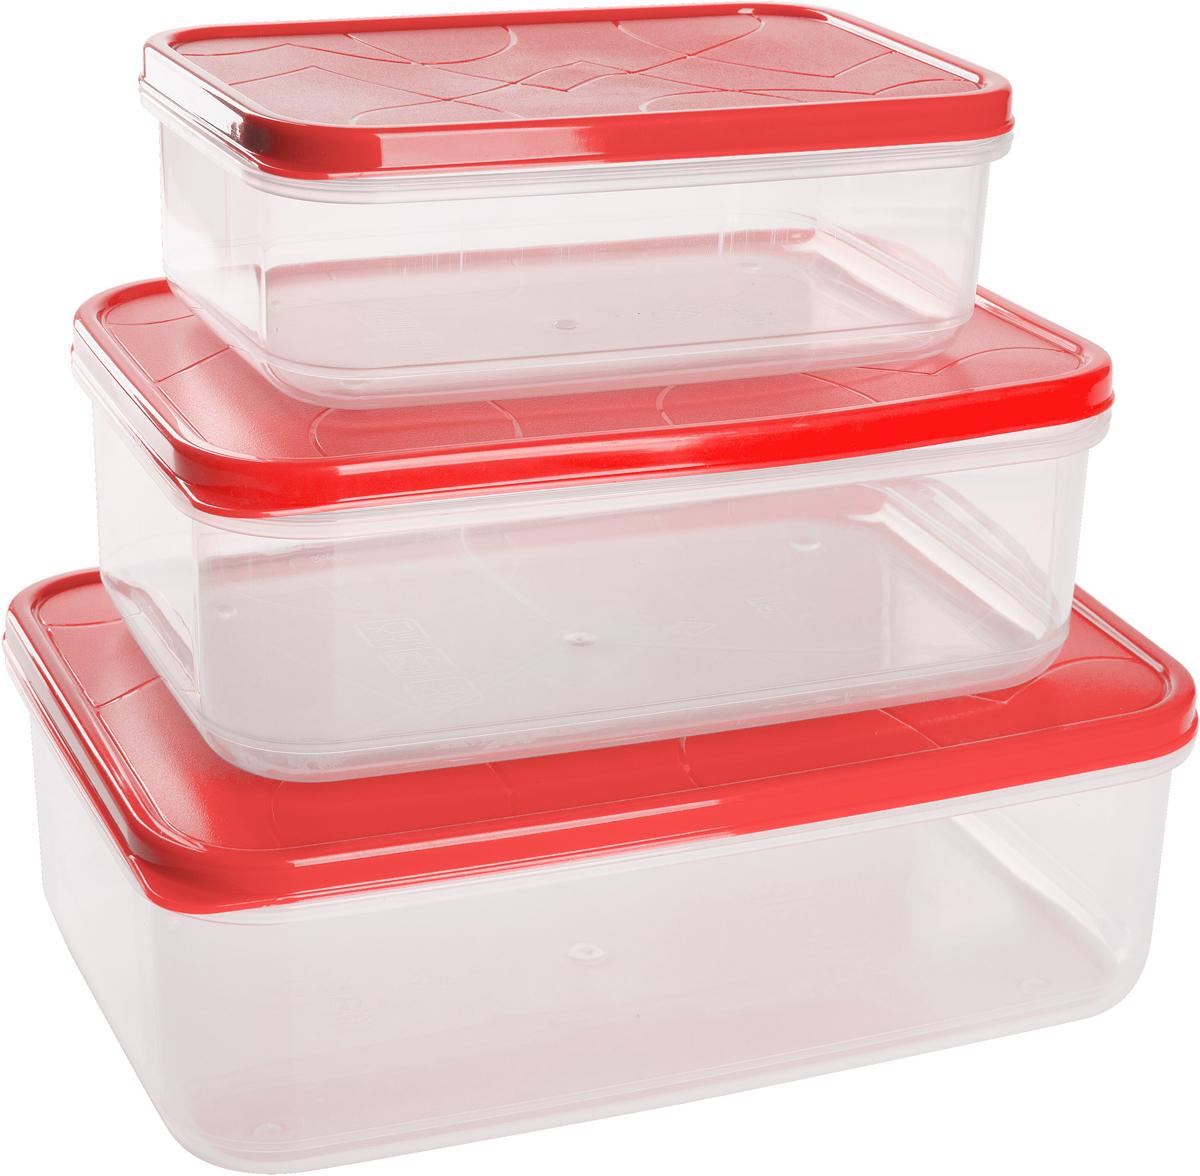 Набор контейнеров для продуктов Giaretti Vitamino, прямоугольные, цвет: клубничный лед, 0,5 л + 1 л + 1,5 лGR1856КЛПоложить в холодильник остатки еды, взять с собой обед в дорогу, заморозить овощи на зиму – все это можно сделать с контейнерами Vitamino. Контейнеры можно использовать для заморозки и хранения продуктов. Подходят для микроволновой печи. А благодаря плотной полиэтиленовой крышке еда дольше сохраняет свою свежесть. Контейнеры вкладываются друг в друга по принципу матрешки экономя пространство при хранении.